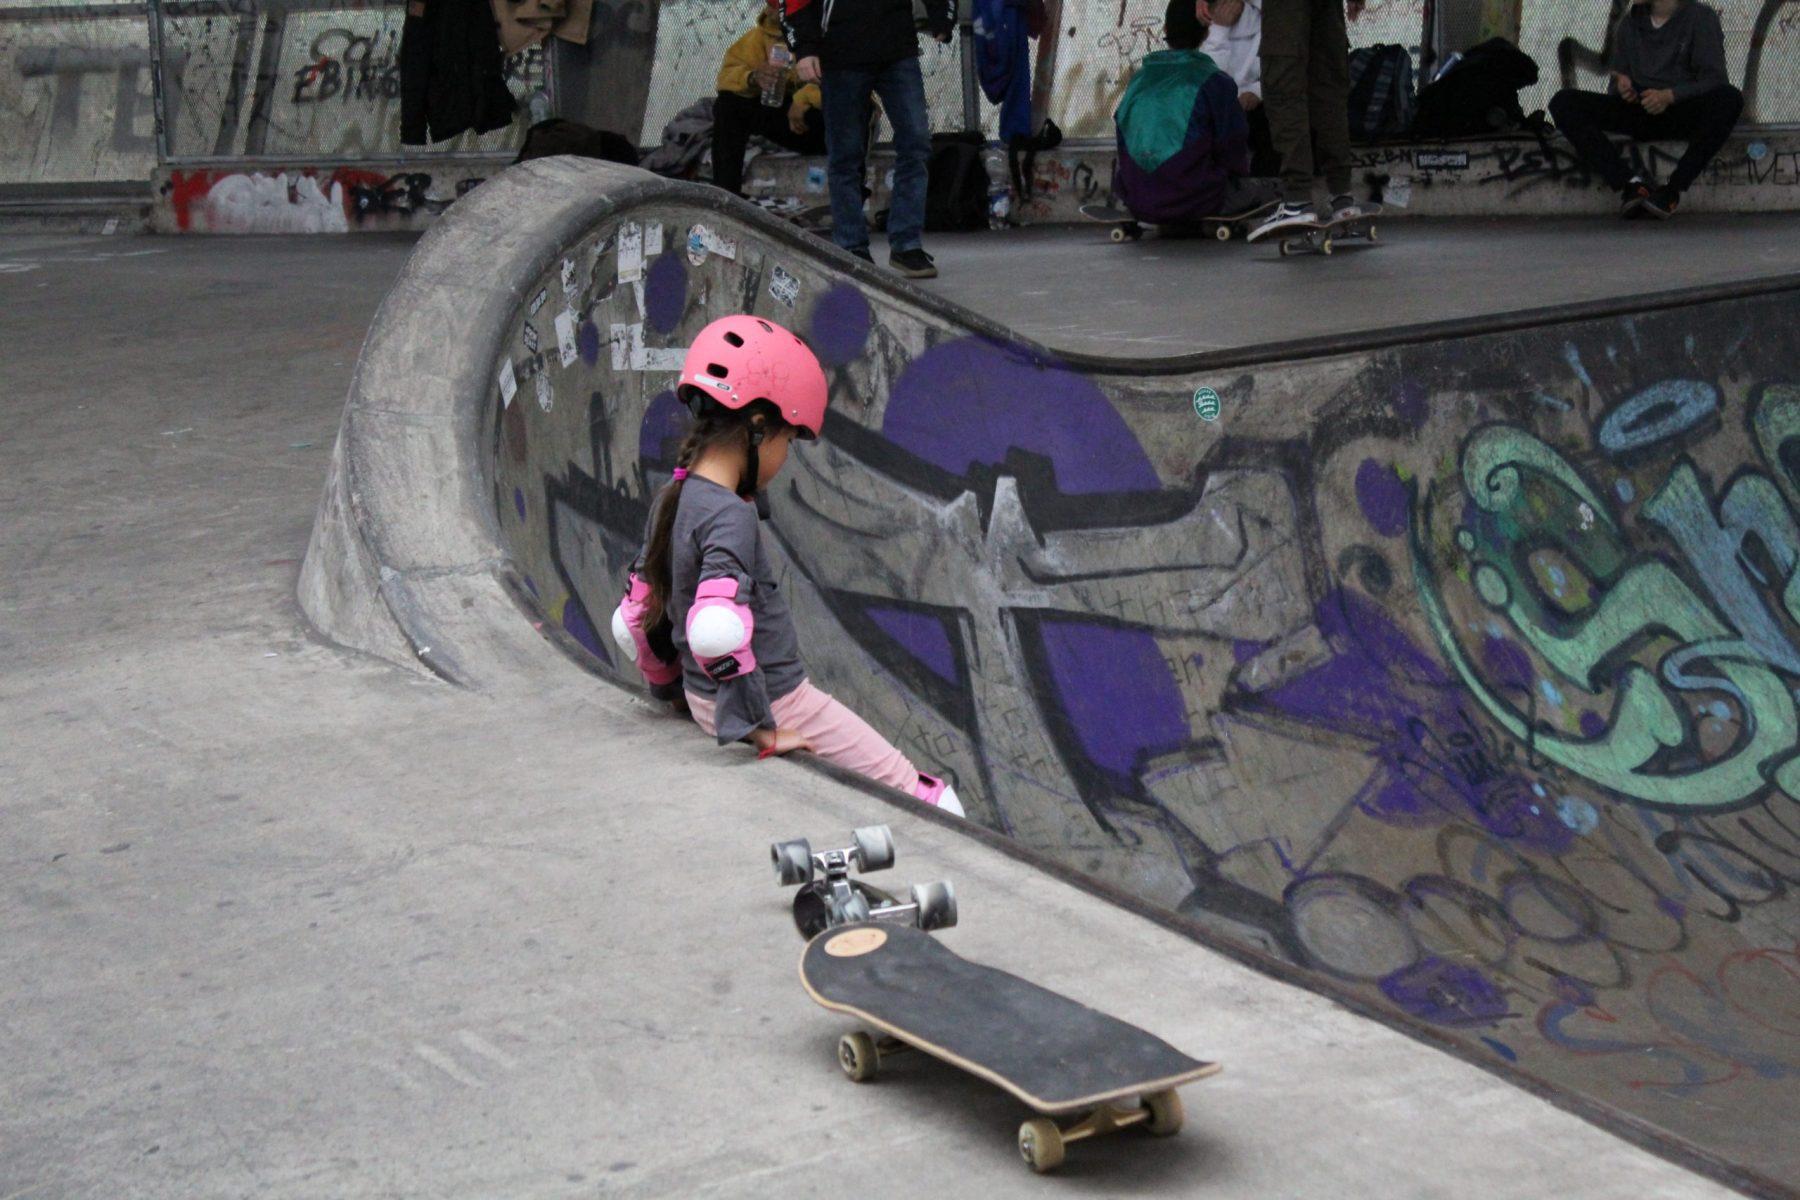 Ausflug zum Skatepark in den Ferien